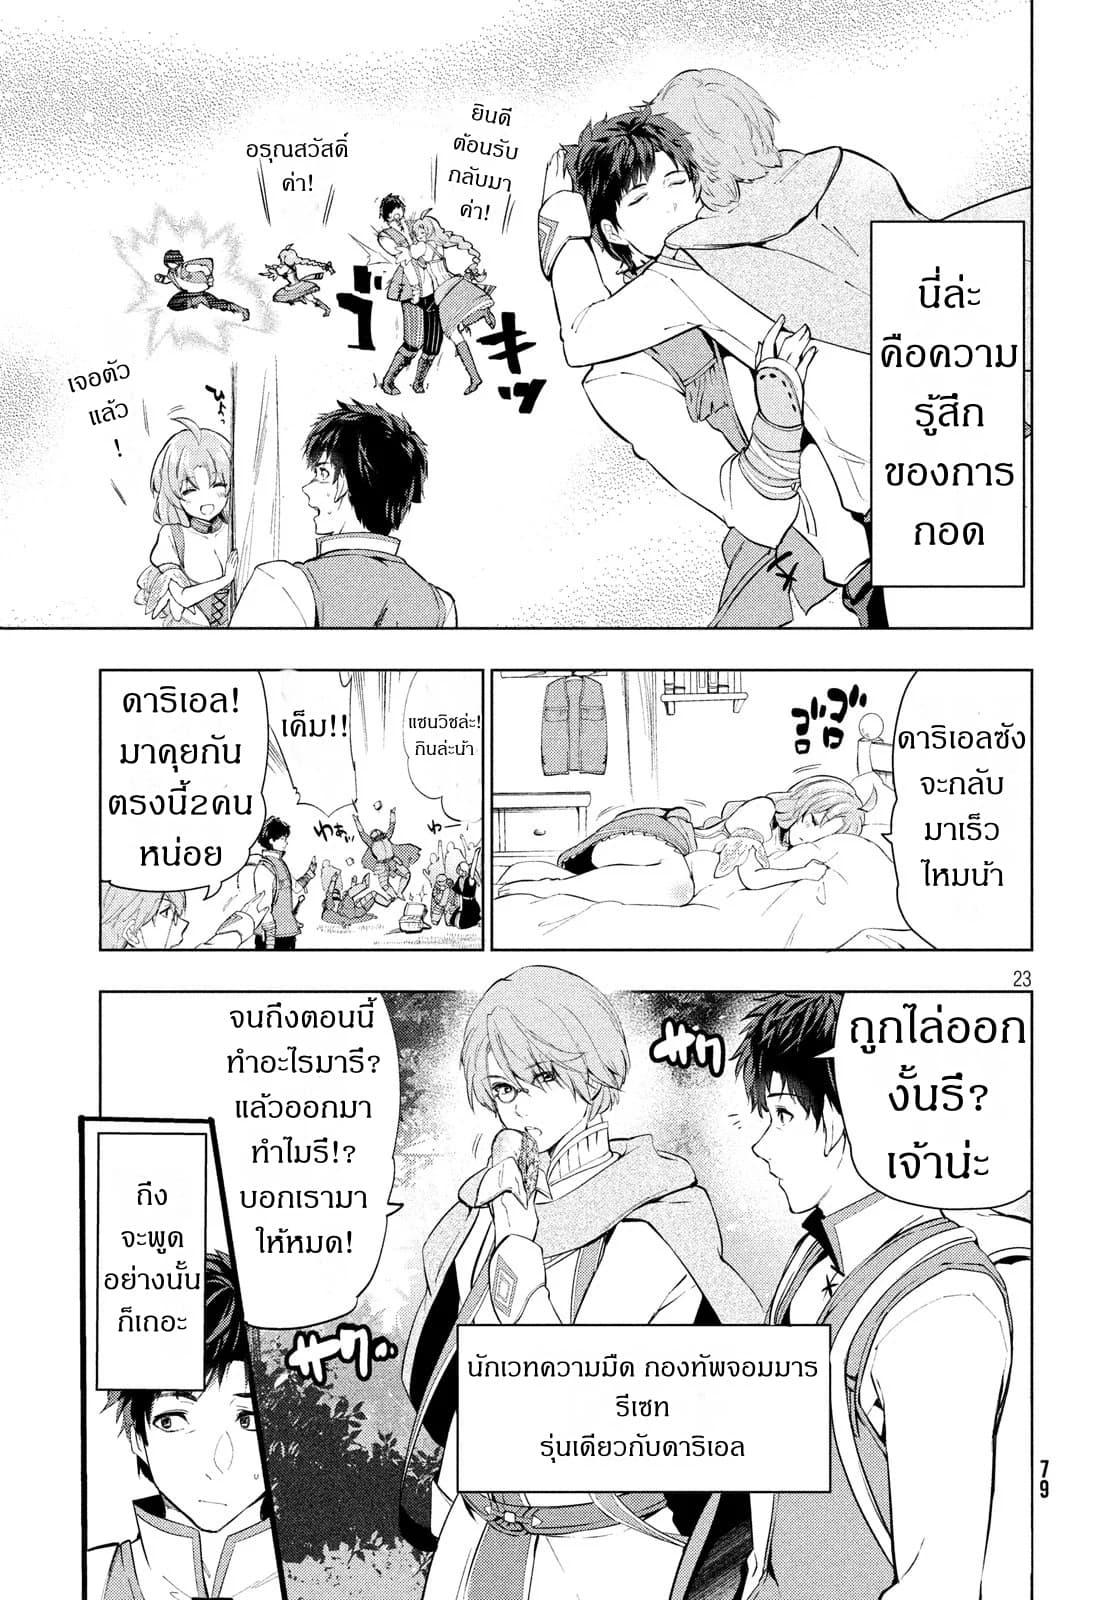 อ่านการ์ตูน Kaiko sareta Ankoku Heishi (30-dai) no Slow na Second ตอนที่ 8.2 หน้าที่ 3